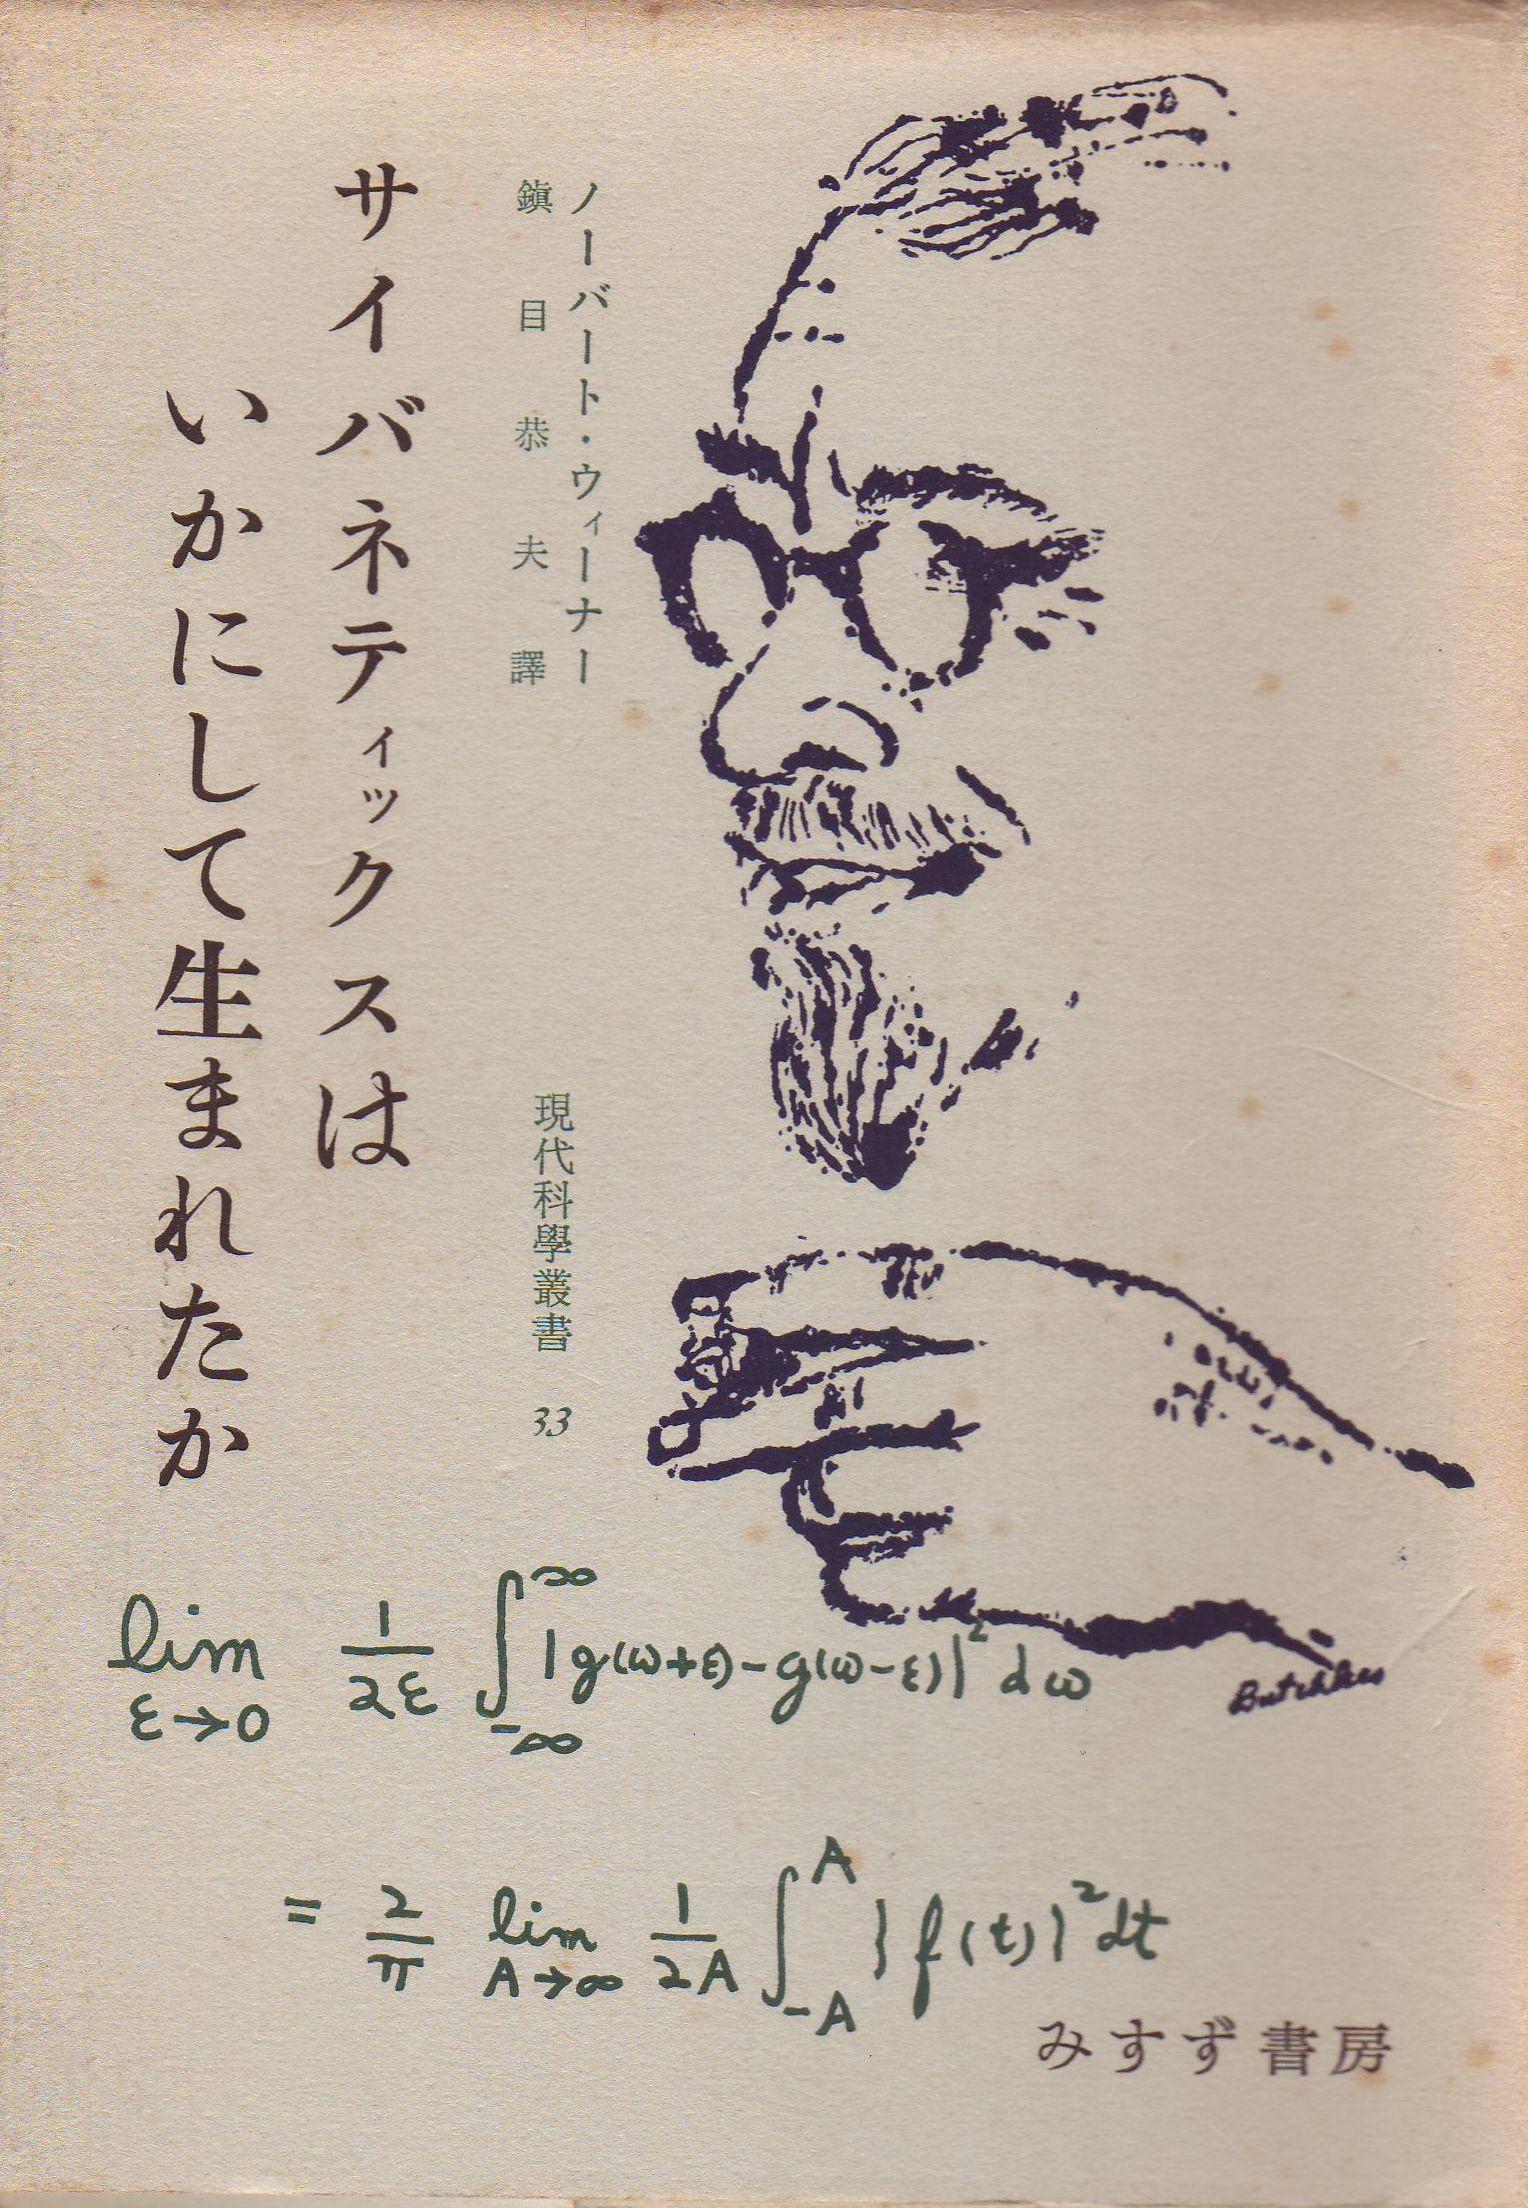 数学者と理論物理学者:グロタンディークと佐藤と南部と小松彦三郎とヘヴィサイドとウィーナー!?_a0348309_1554879.jpg